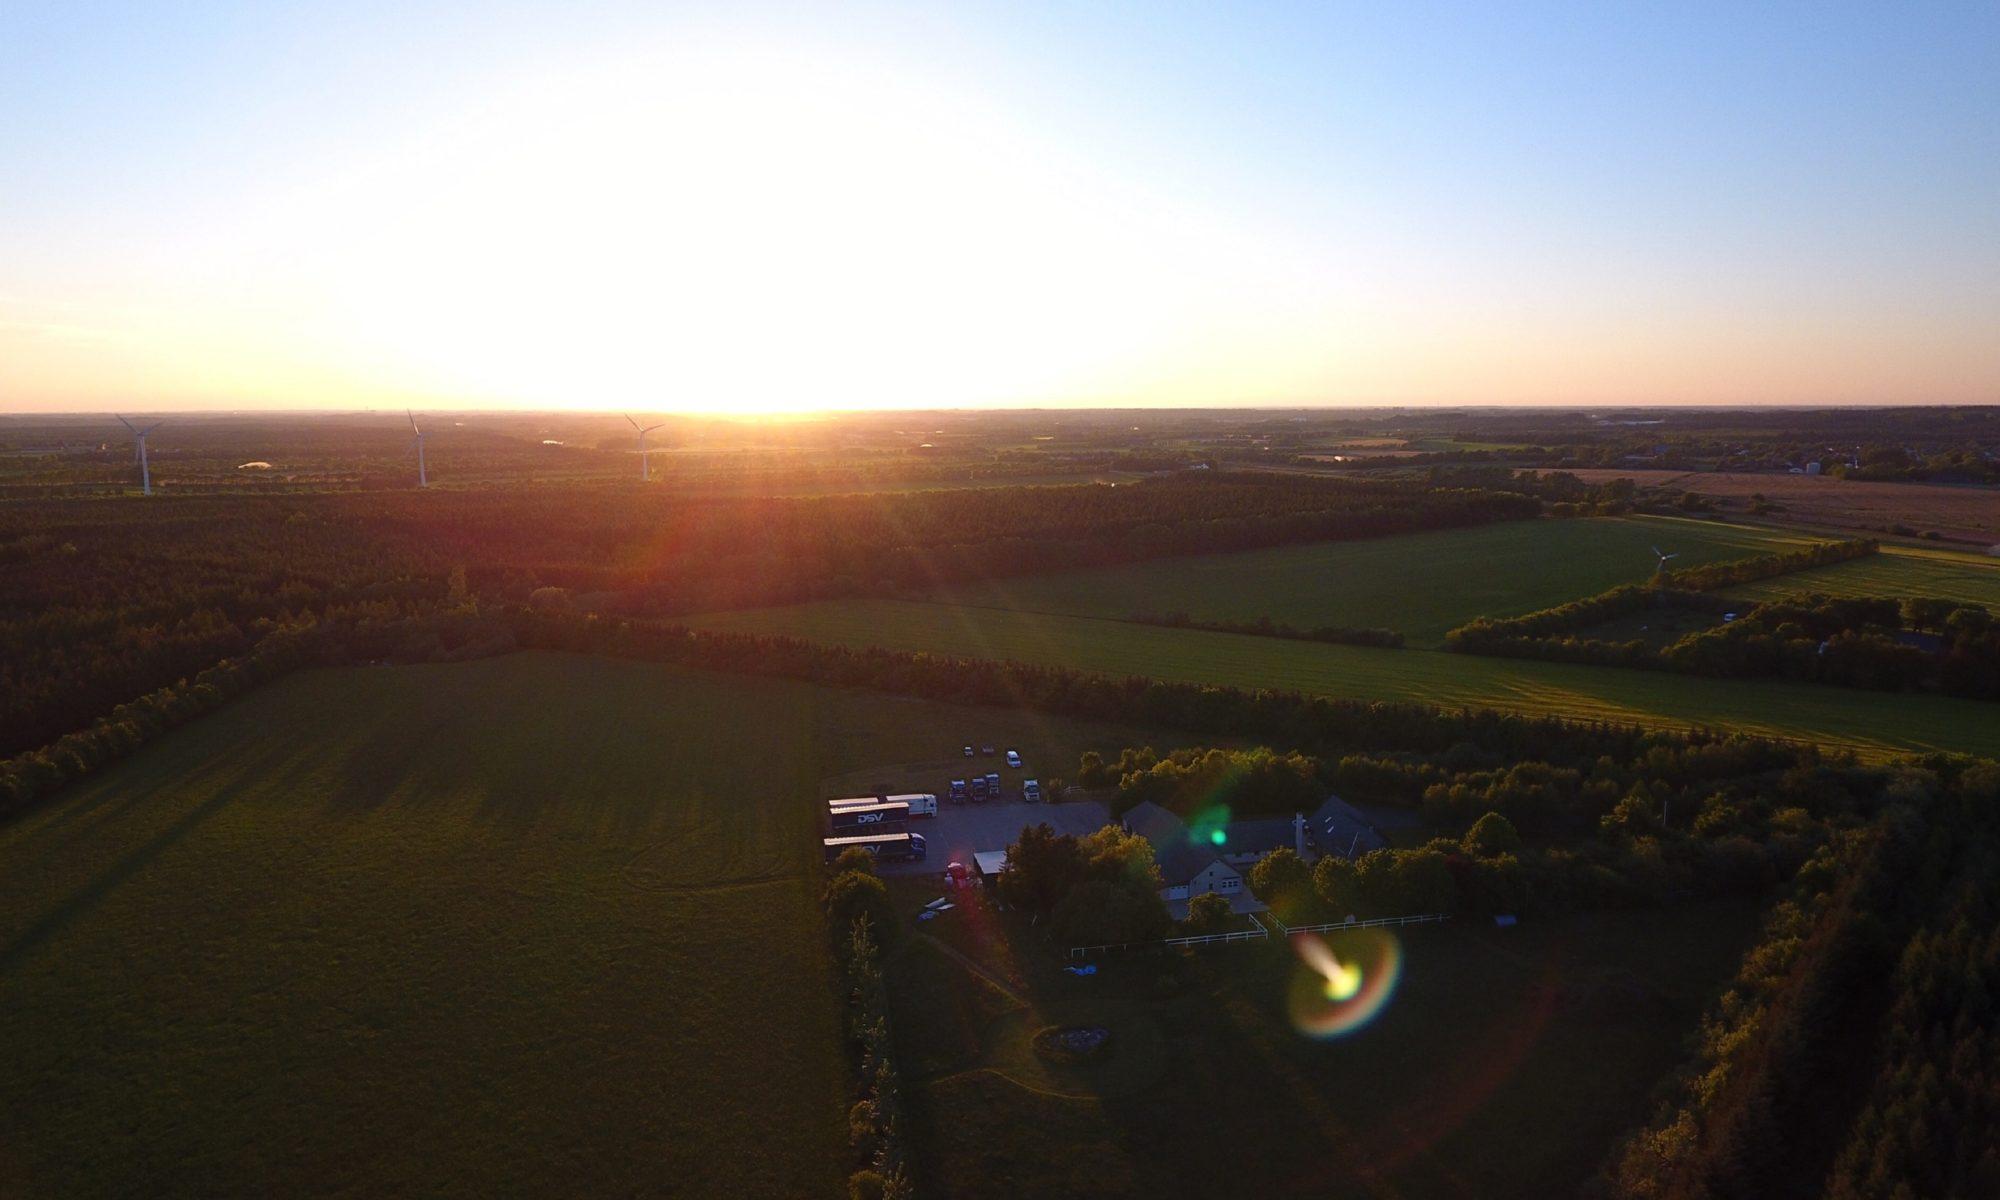 Anders' Dronefotografering